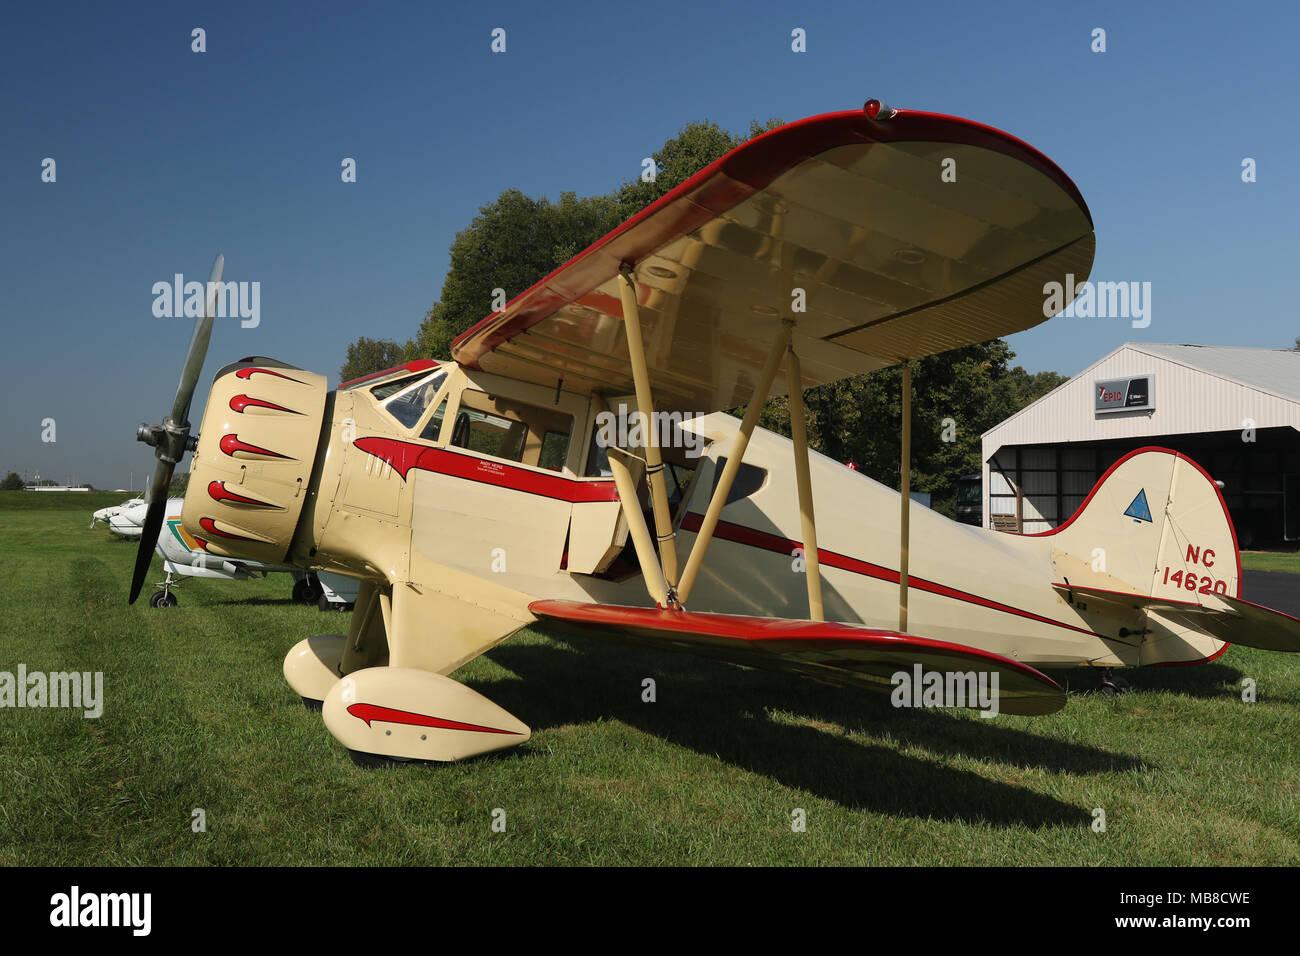 e6bfc4b56 Vintage 1935 Avión. WACO modelo YKC-S